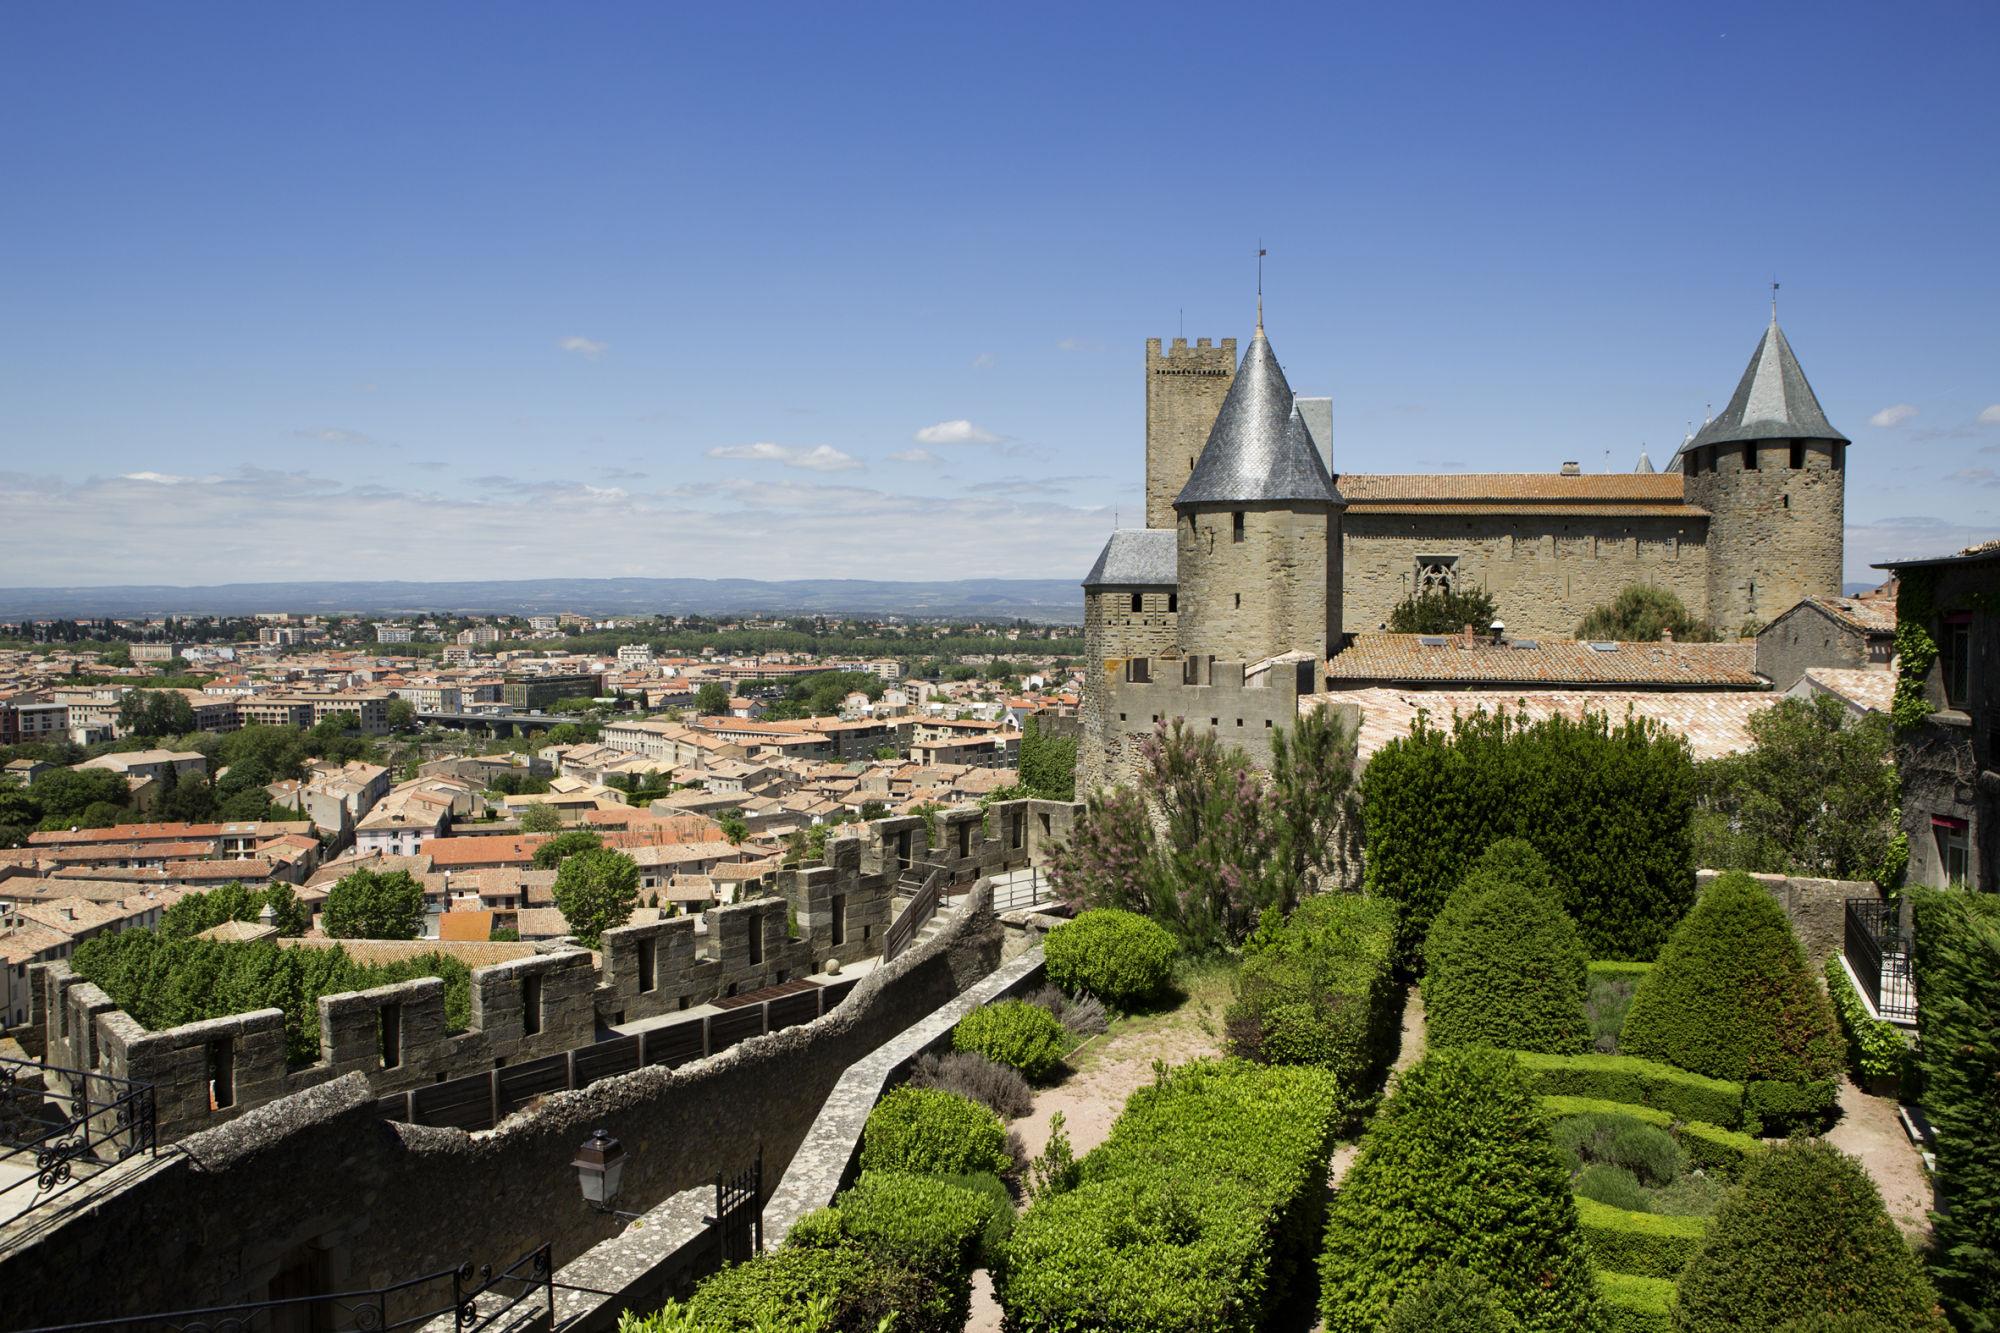 Hotel de la Cite Carcassonne-gardens(resized)